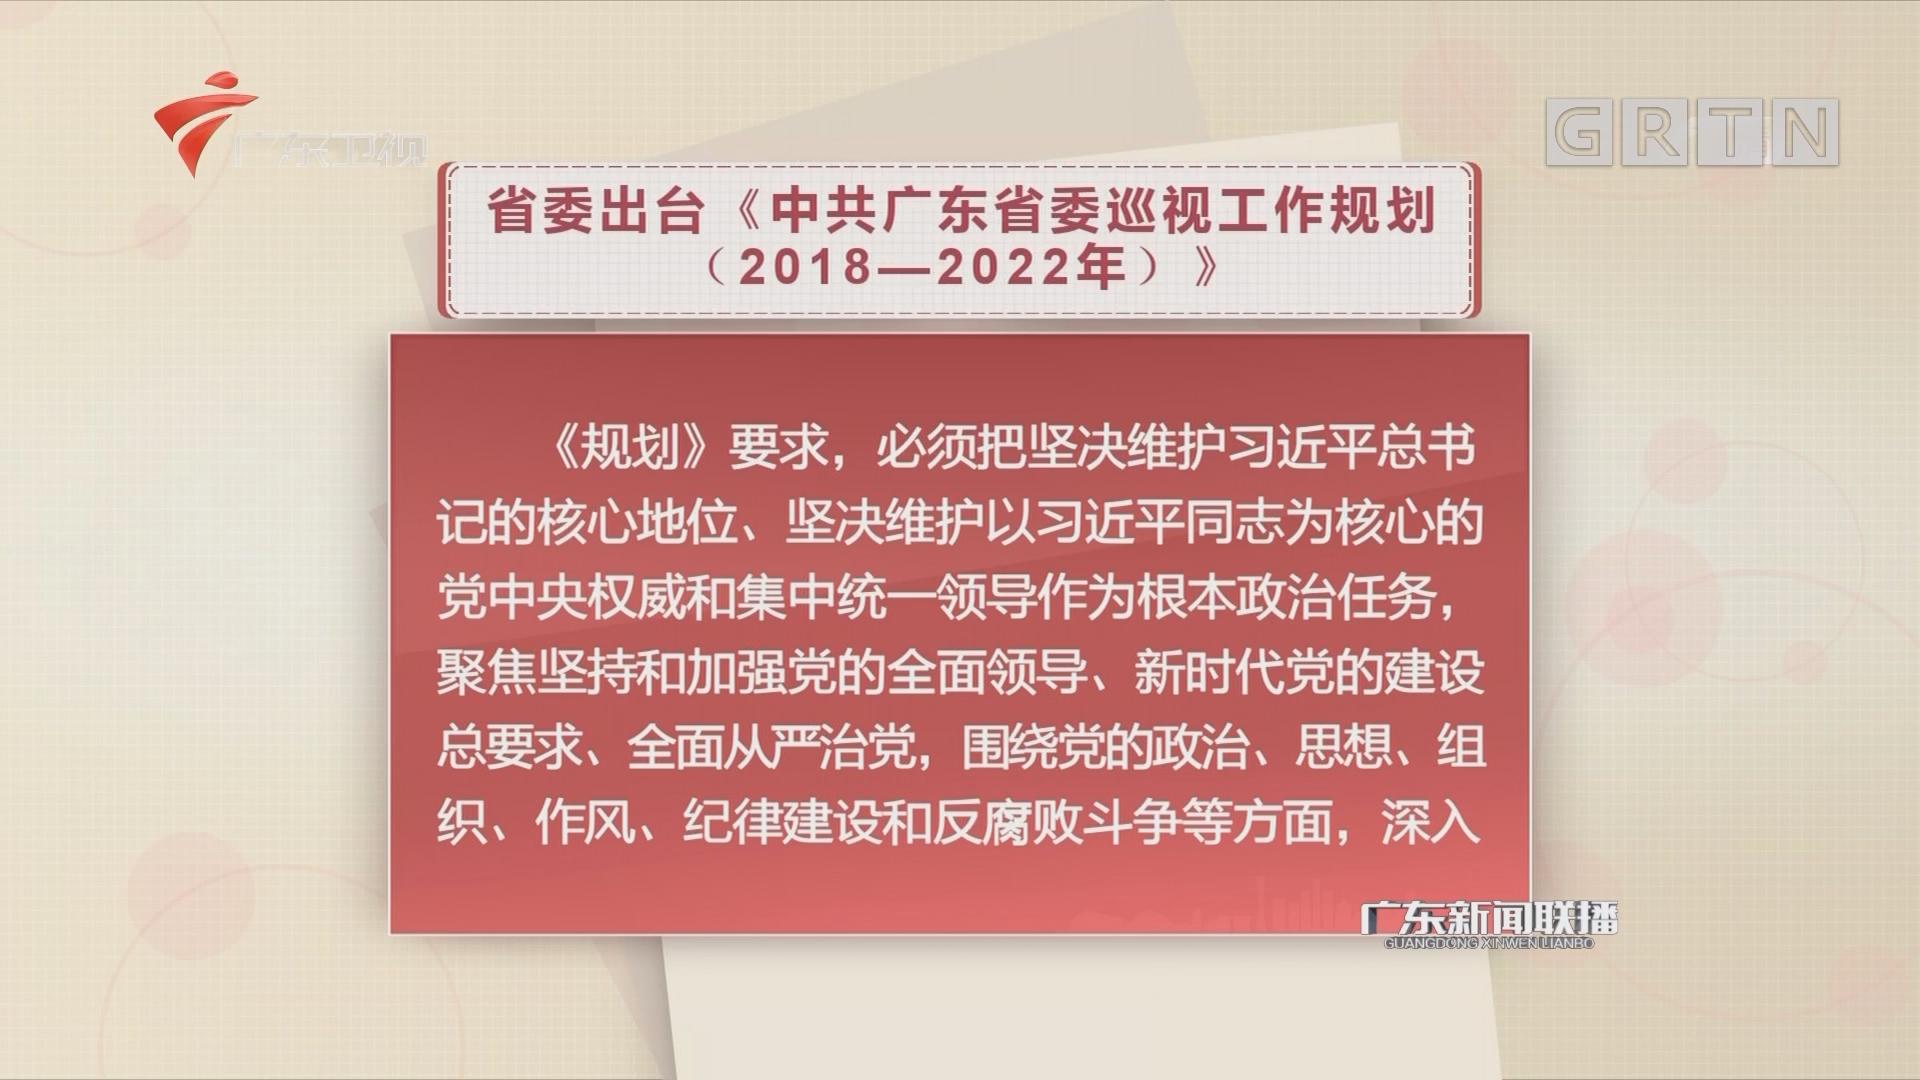 省委出台《中共广东省委巡视工作规划(2018——2022年)》